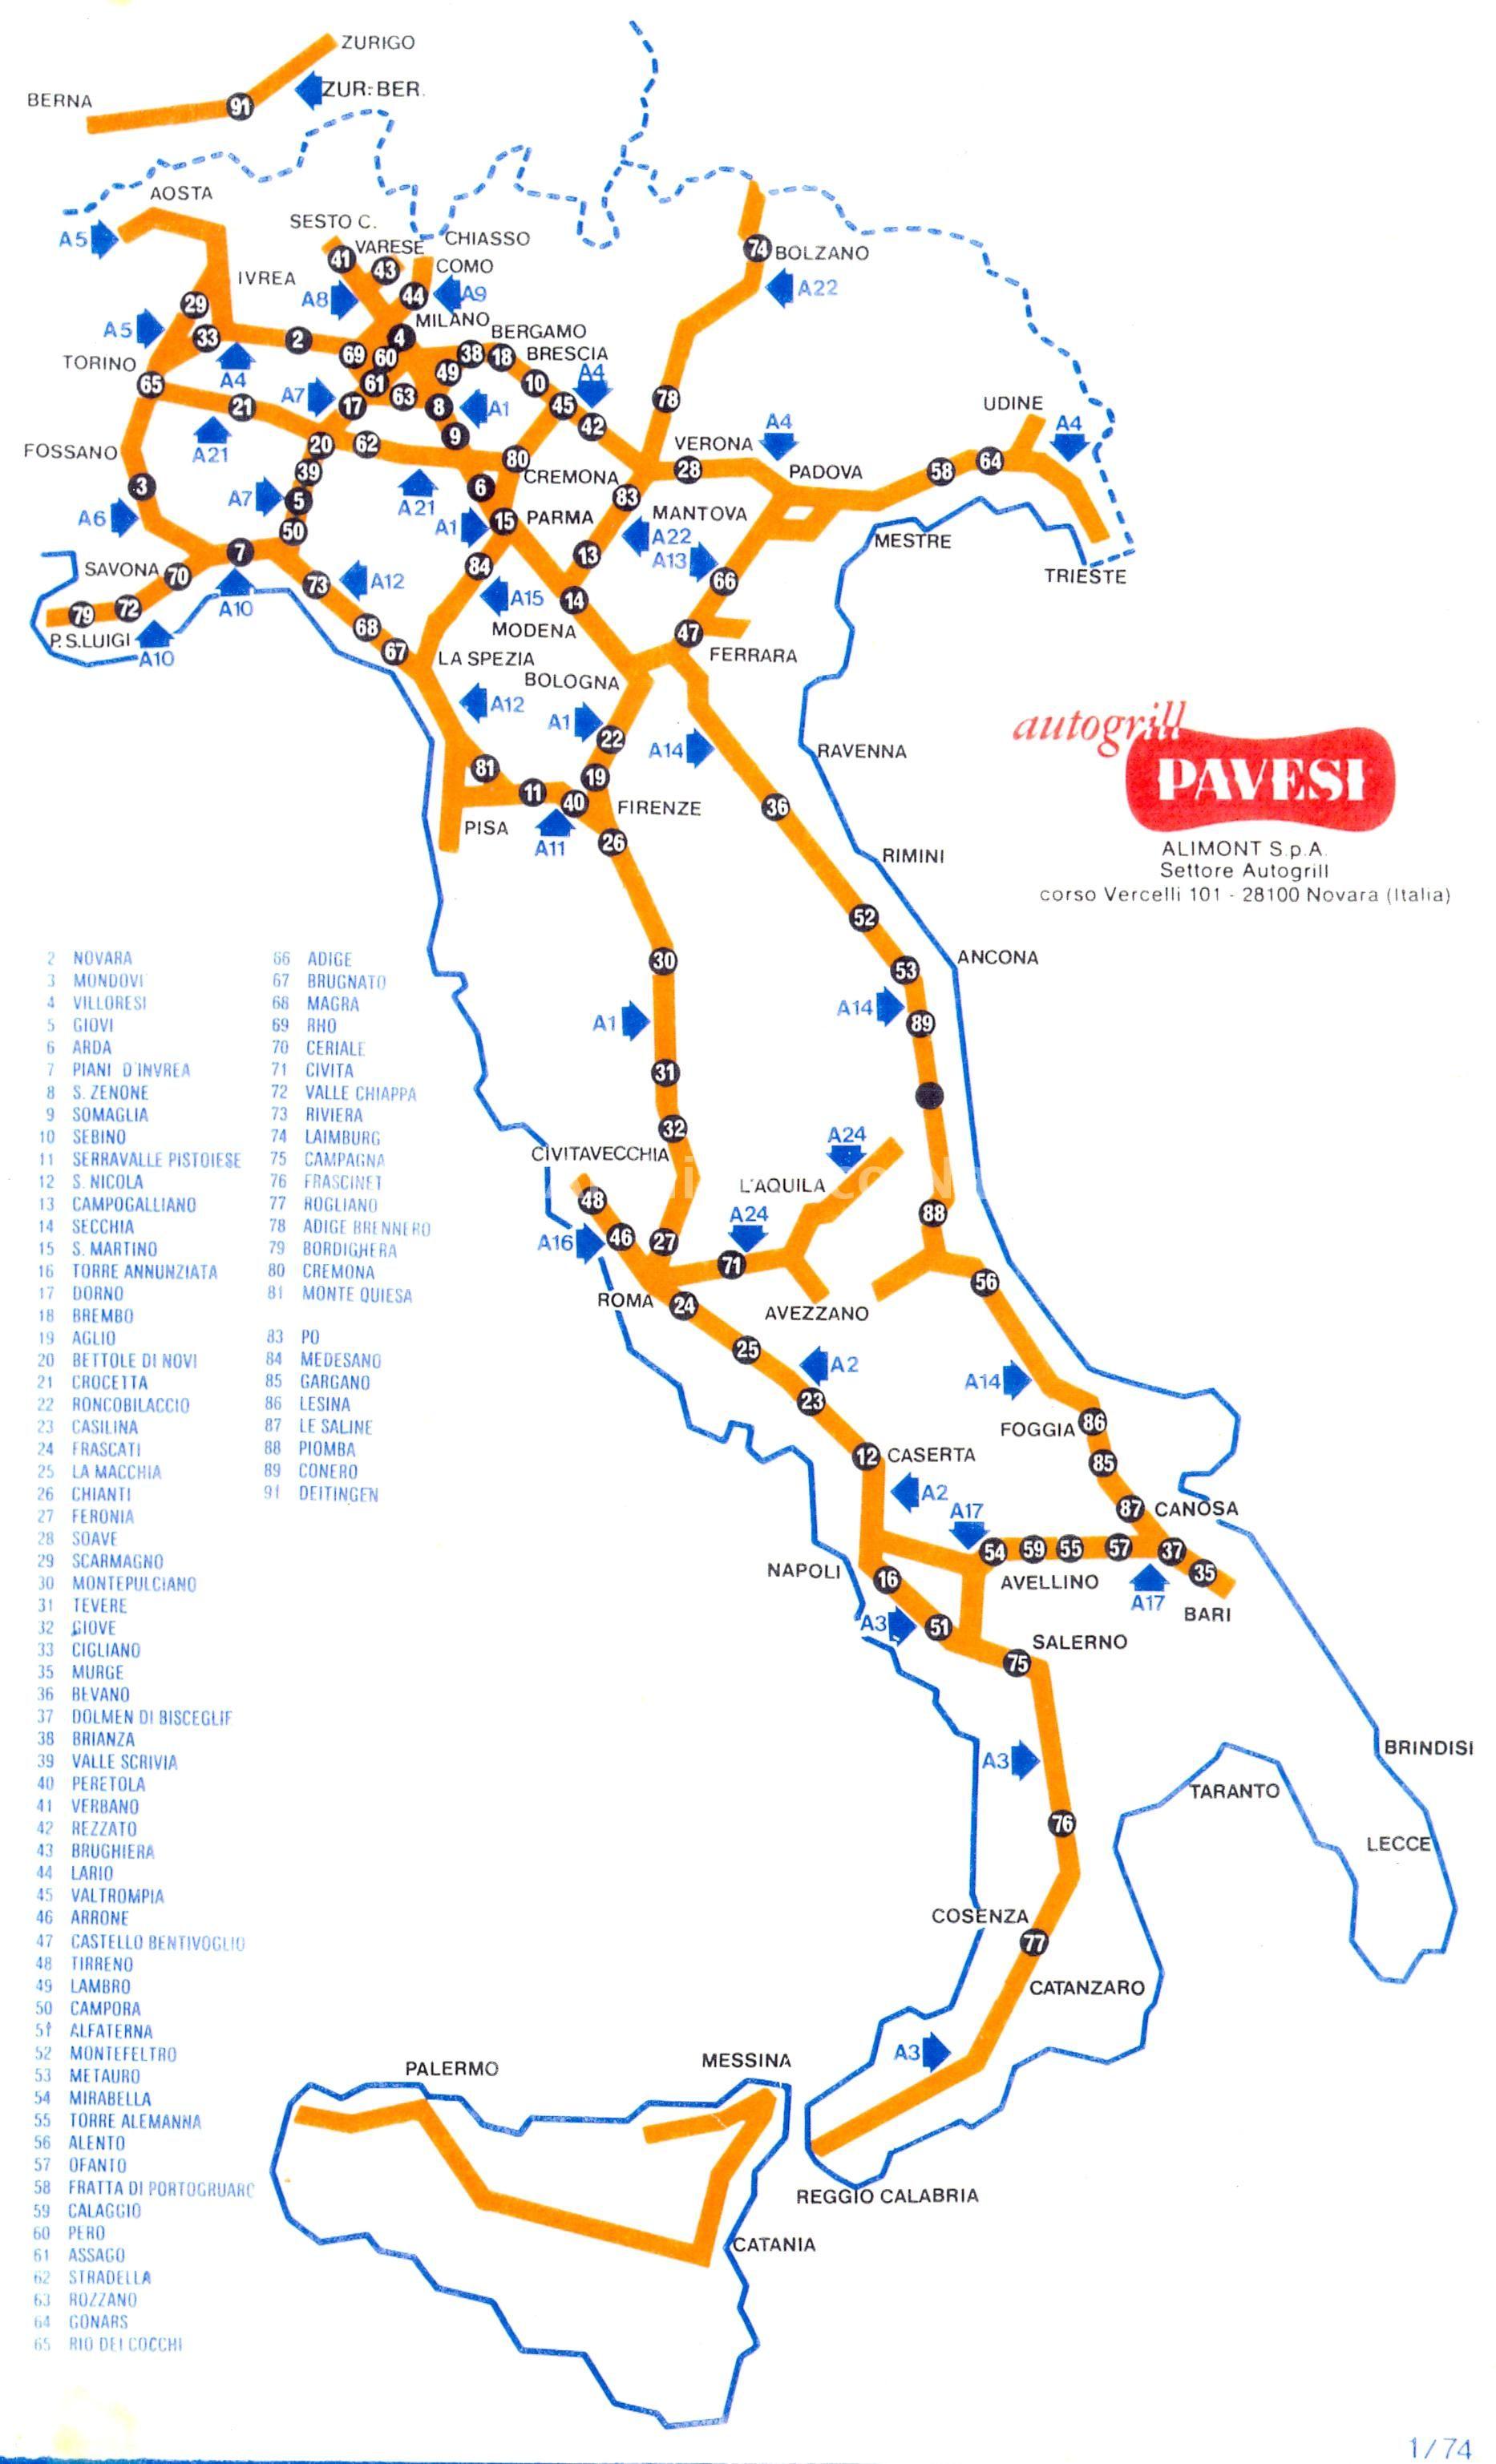 Italia Cartina Autostradale.Cartina Autostradale Che Riporta La Localizzazione Degli Autogrill Pavesi In Italia Nel 1973 Mappa Pavese Ravenna